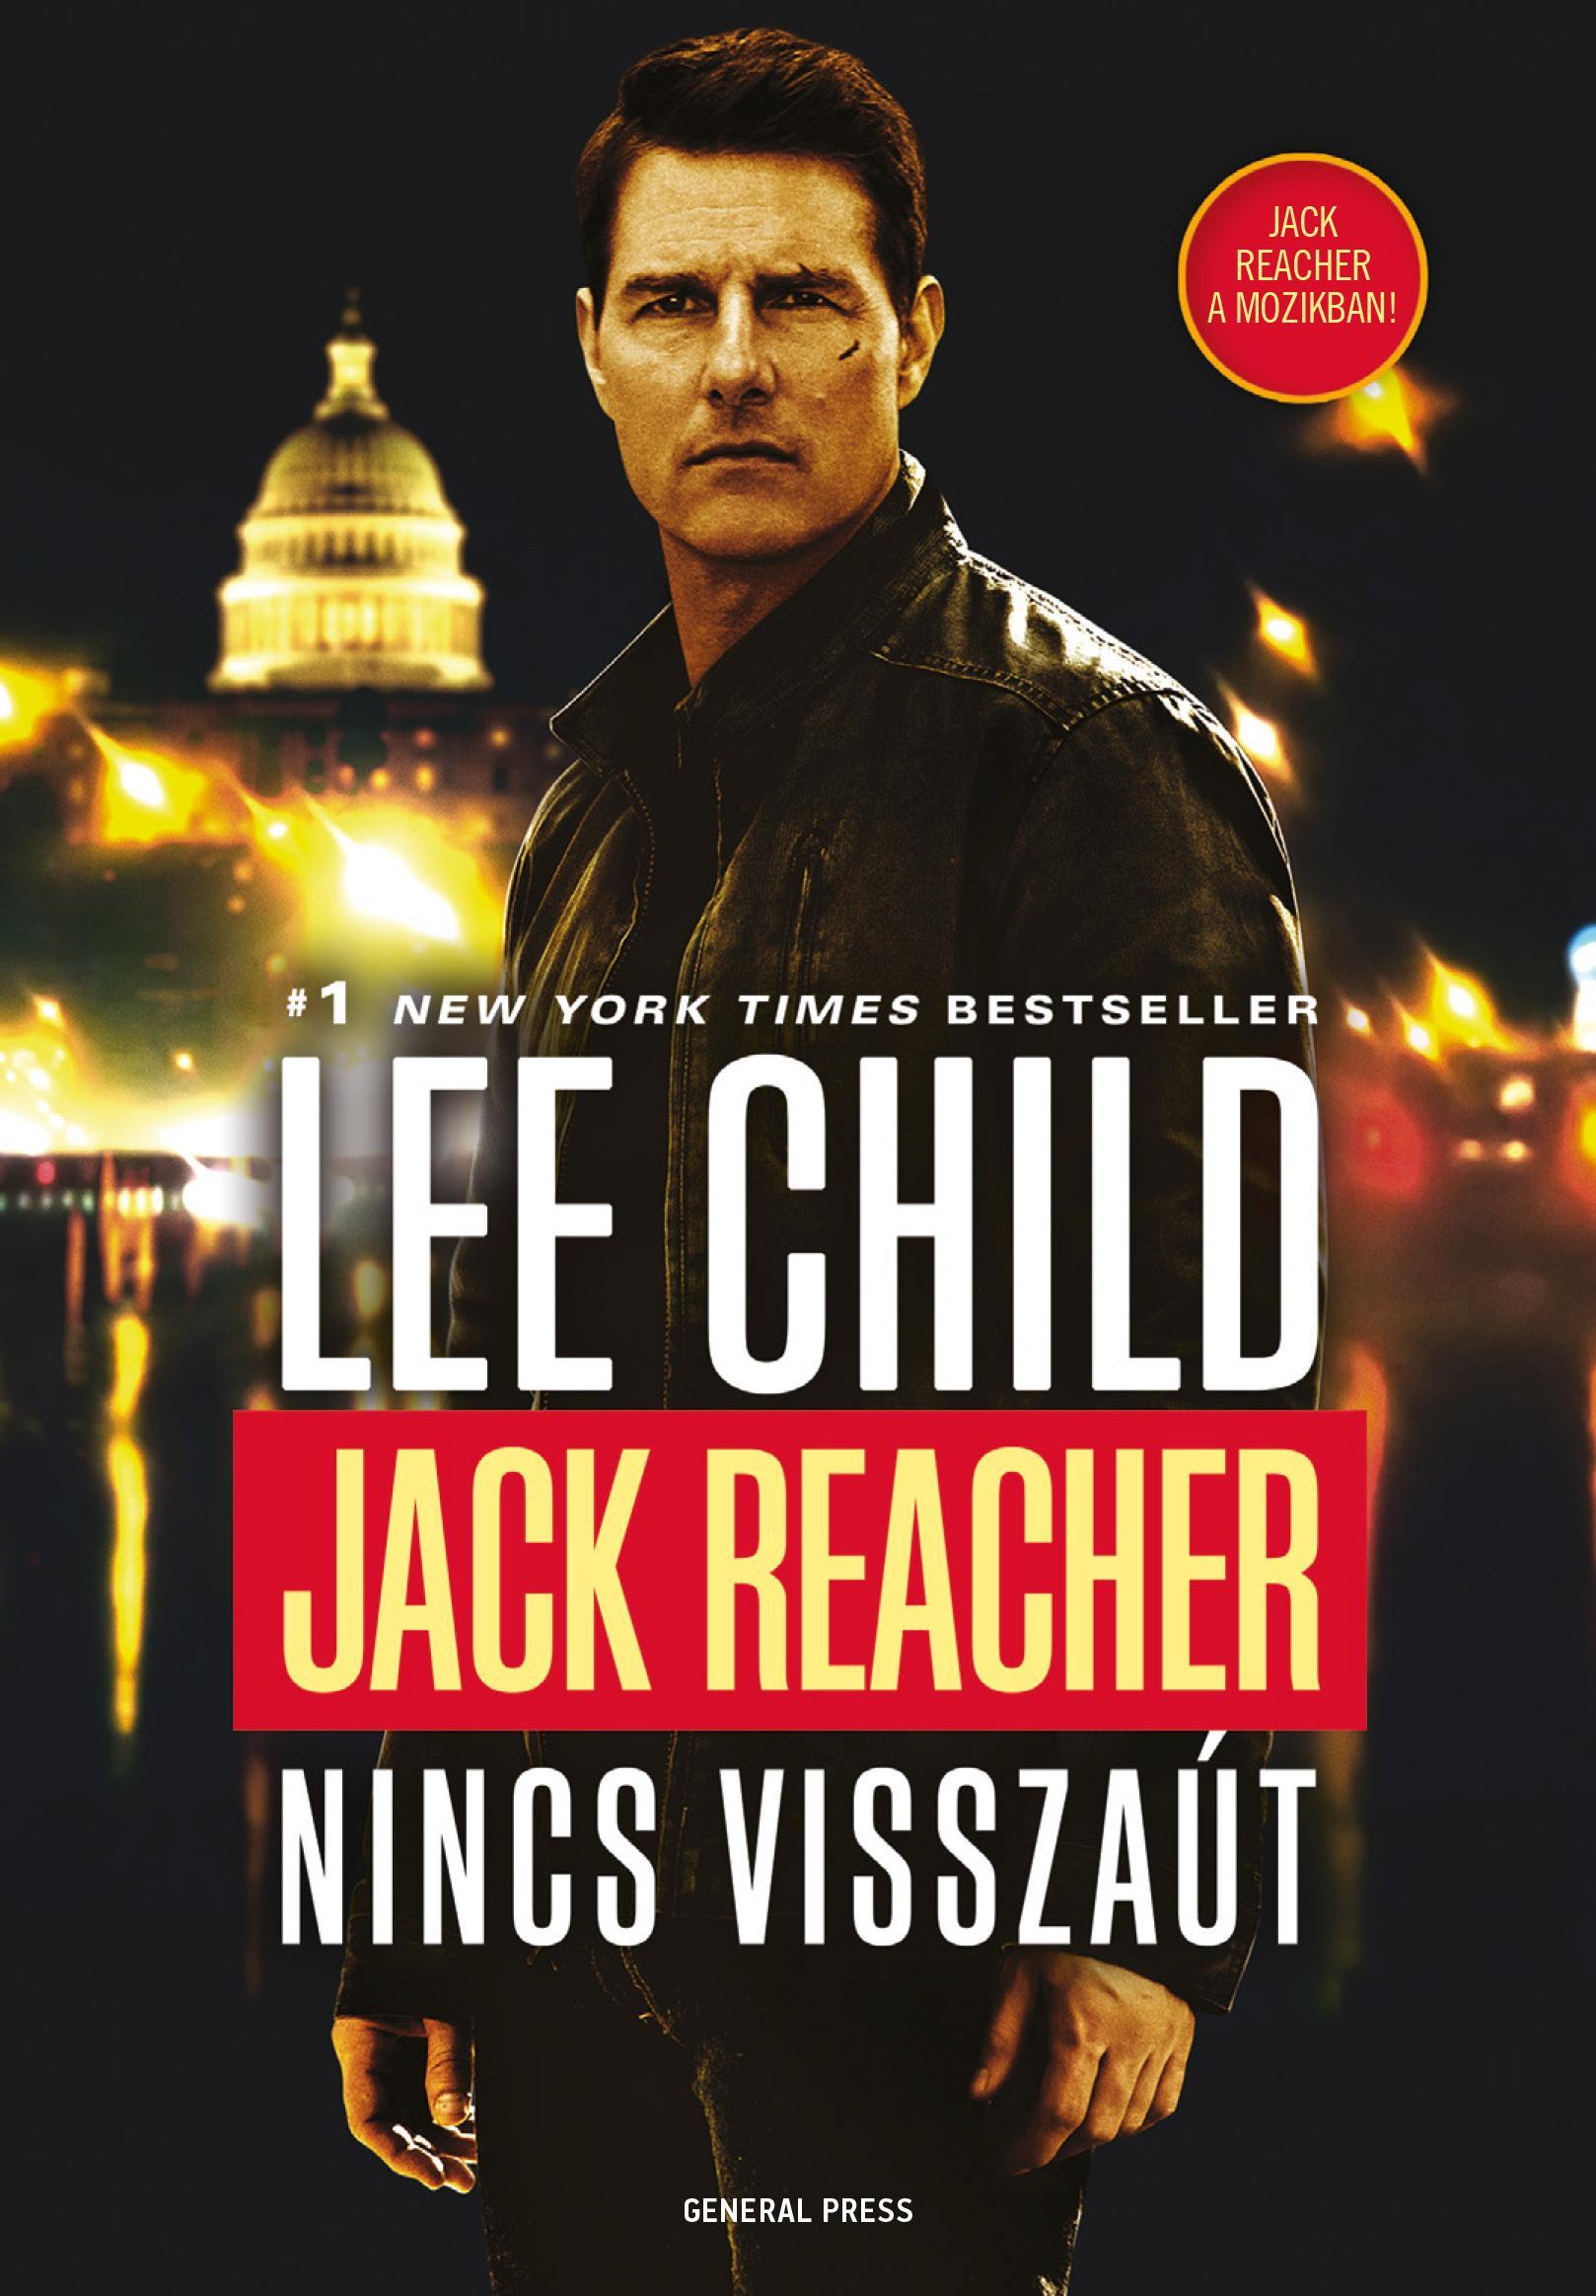 Lee Child - Jack Reacher - Nincs visszaút